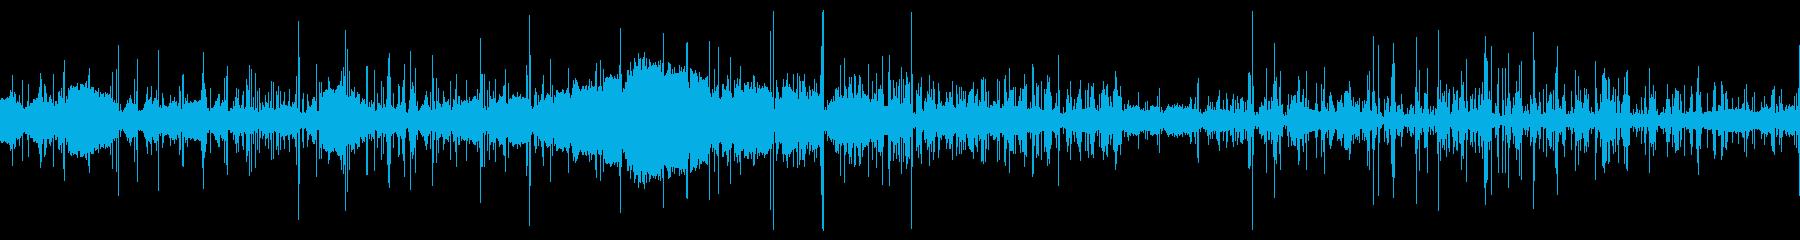 【生音】 足音_鈴虫_車_ナイロン_02の再生済みの波形